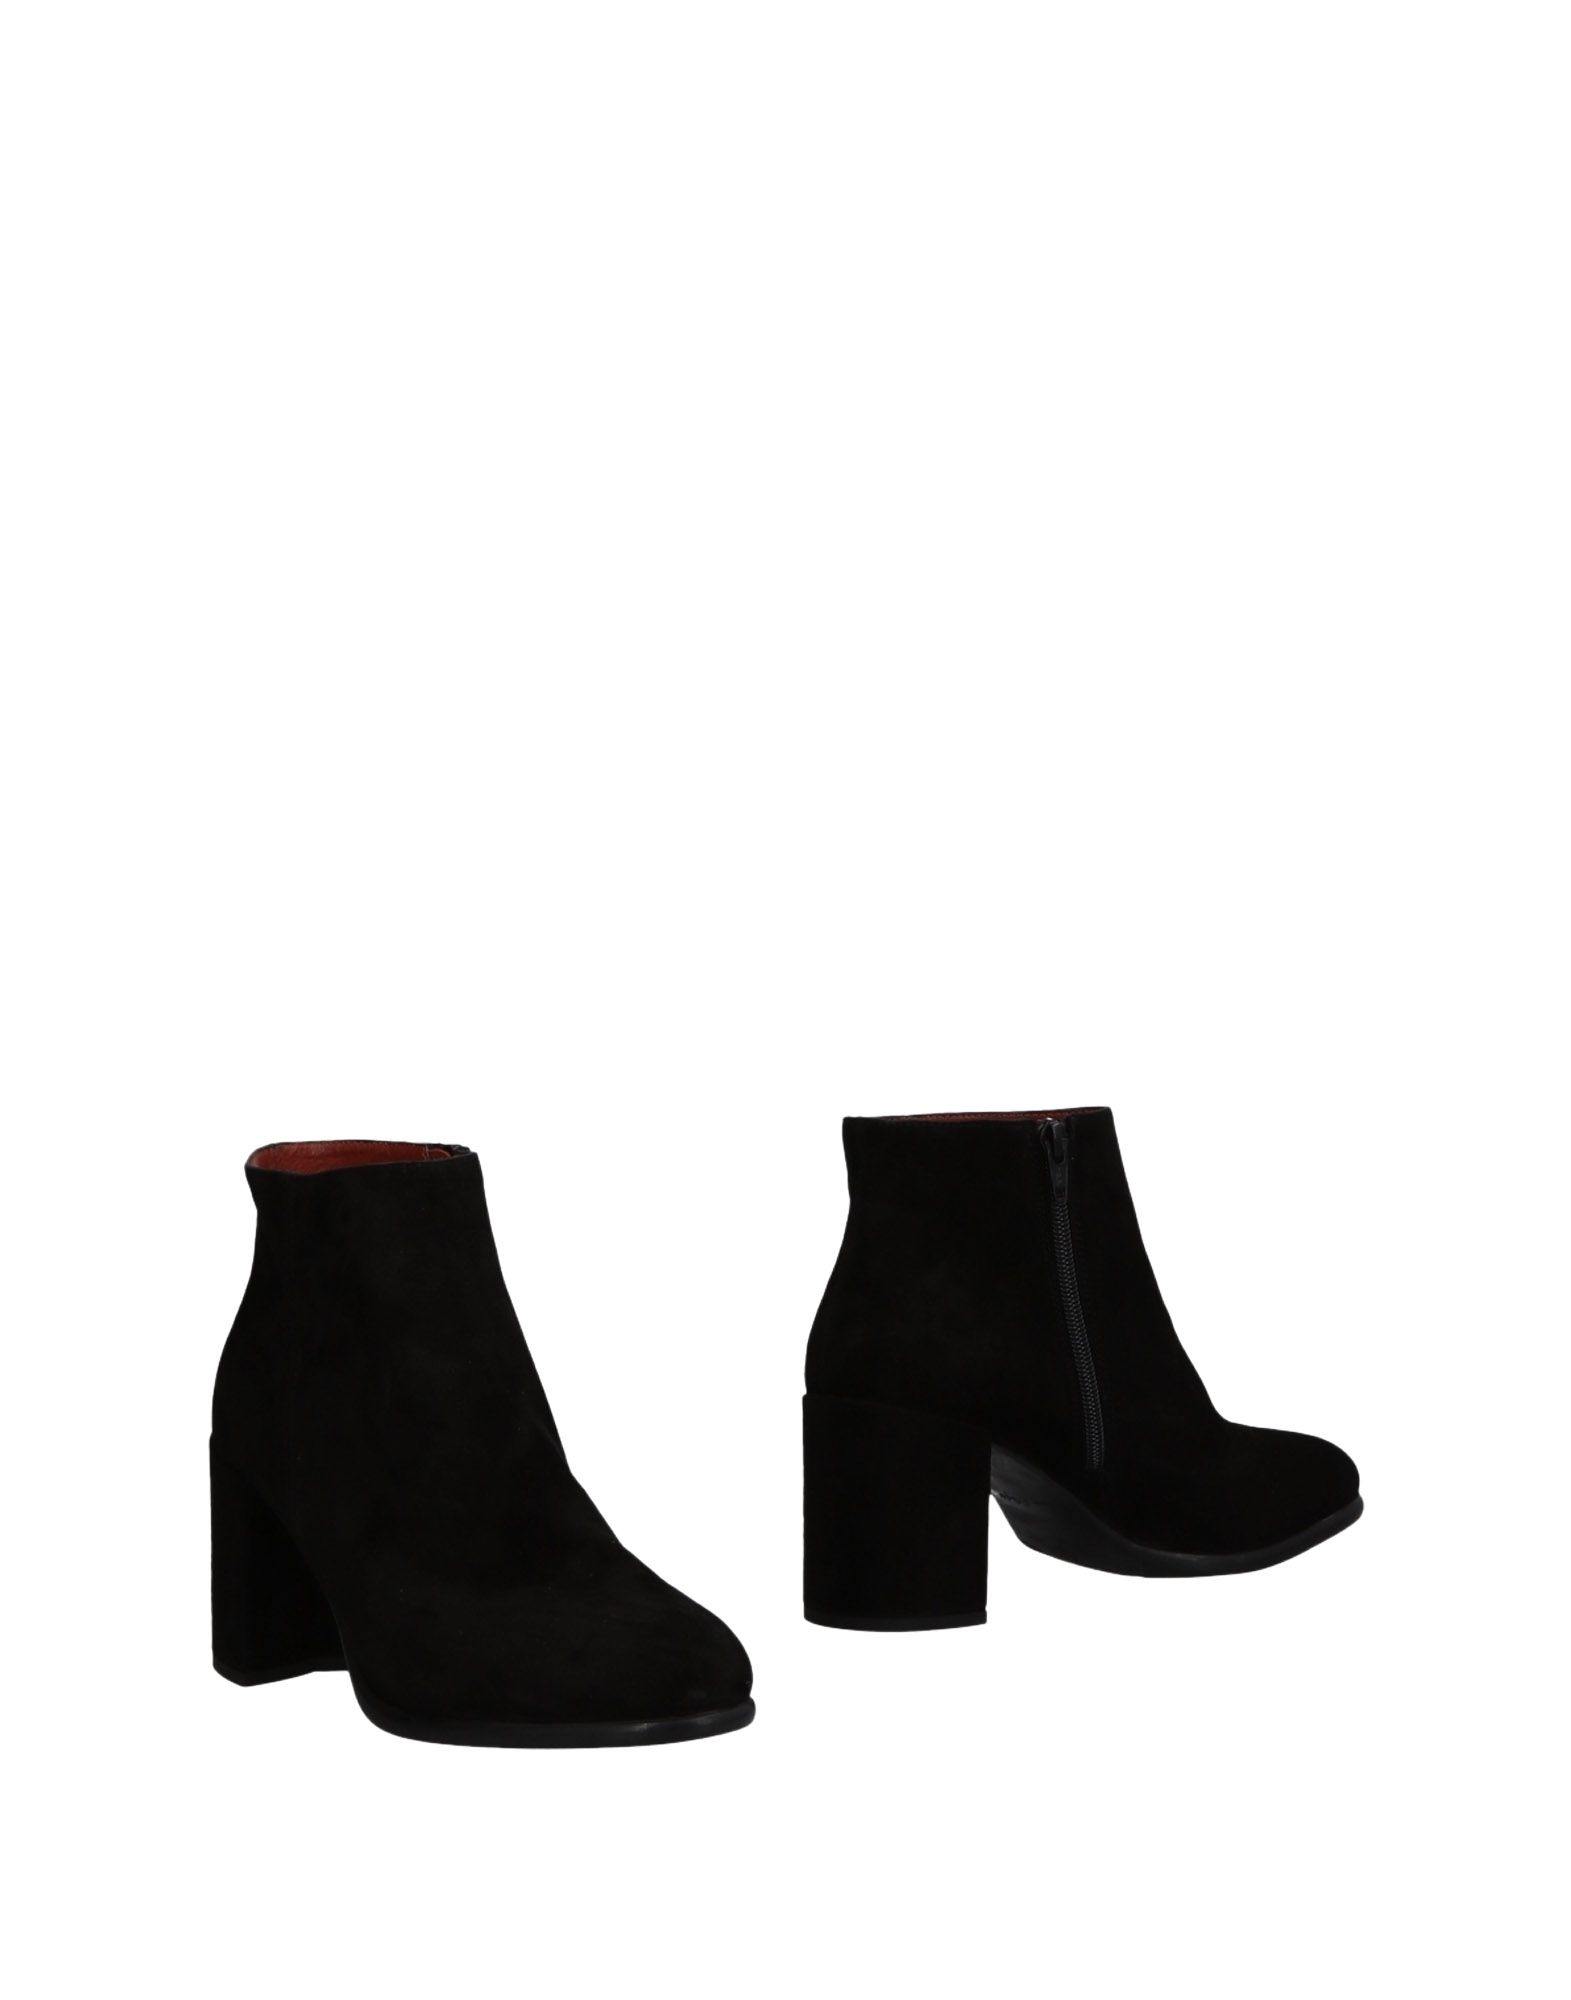 Triver Flight Stiefelette Damen  11481116KG Gute Qualität beliebte Schuhe